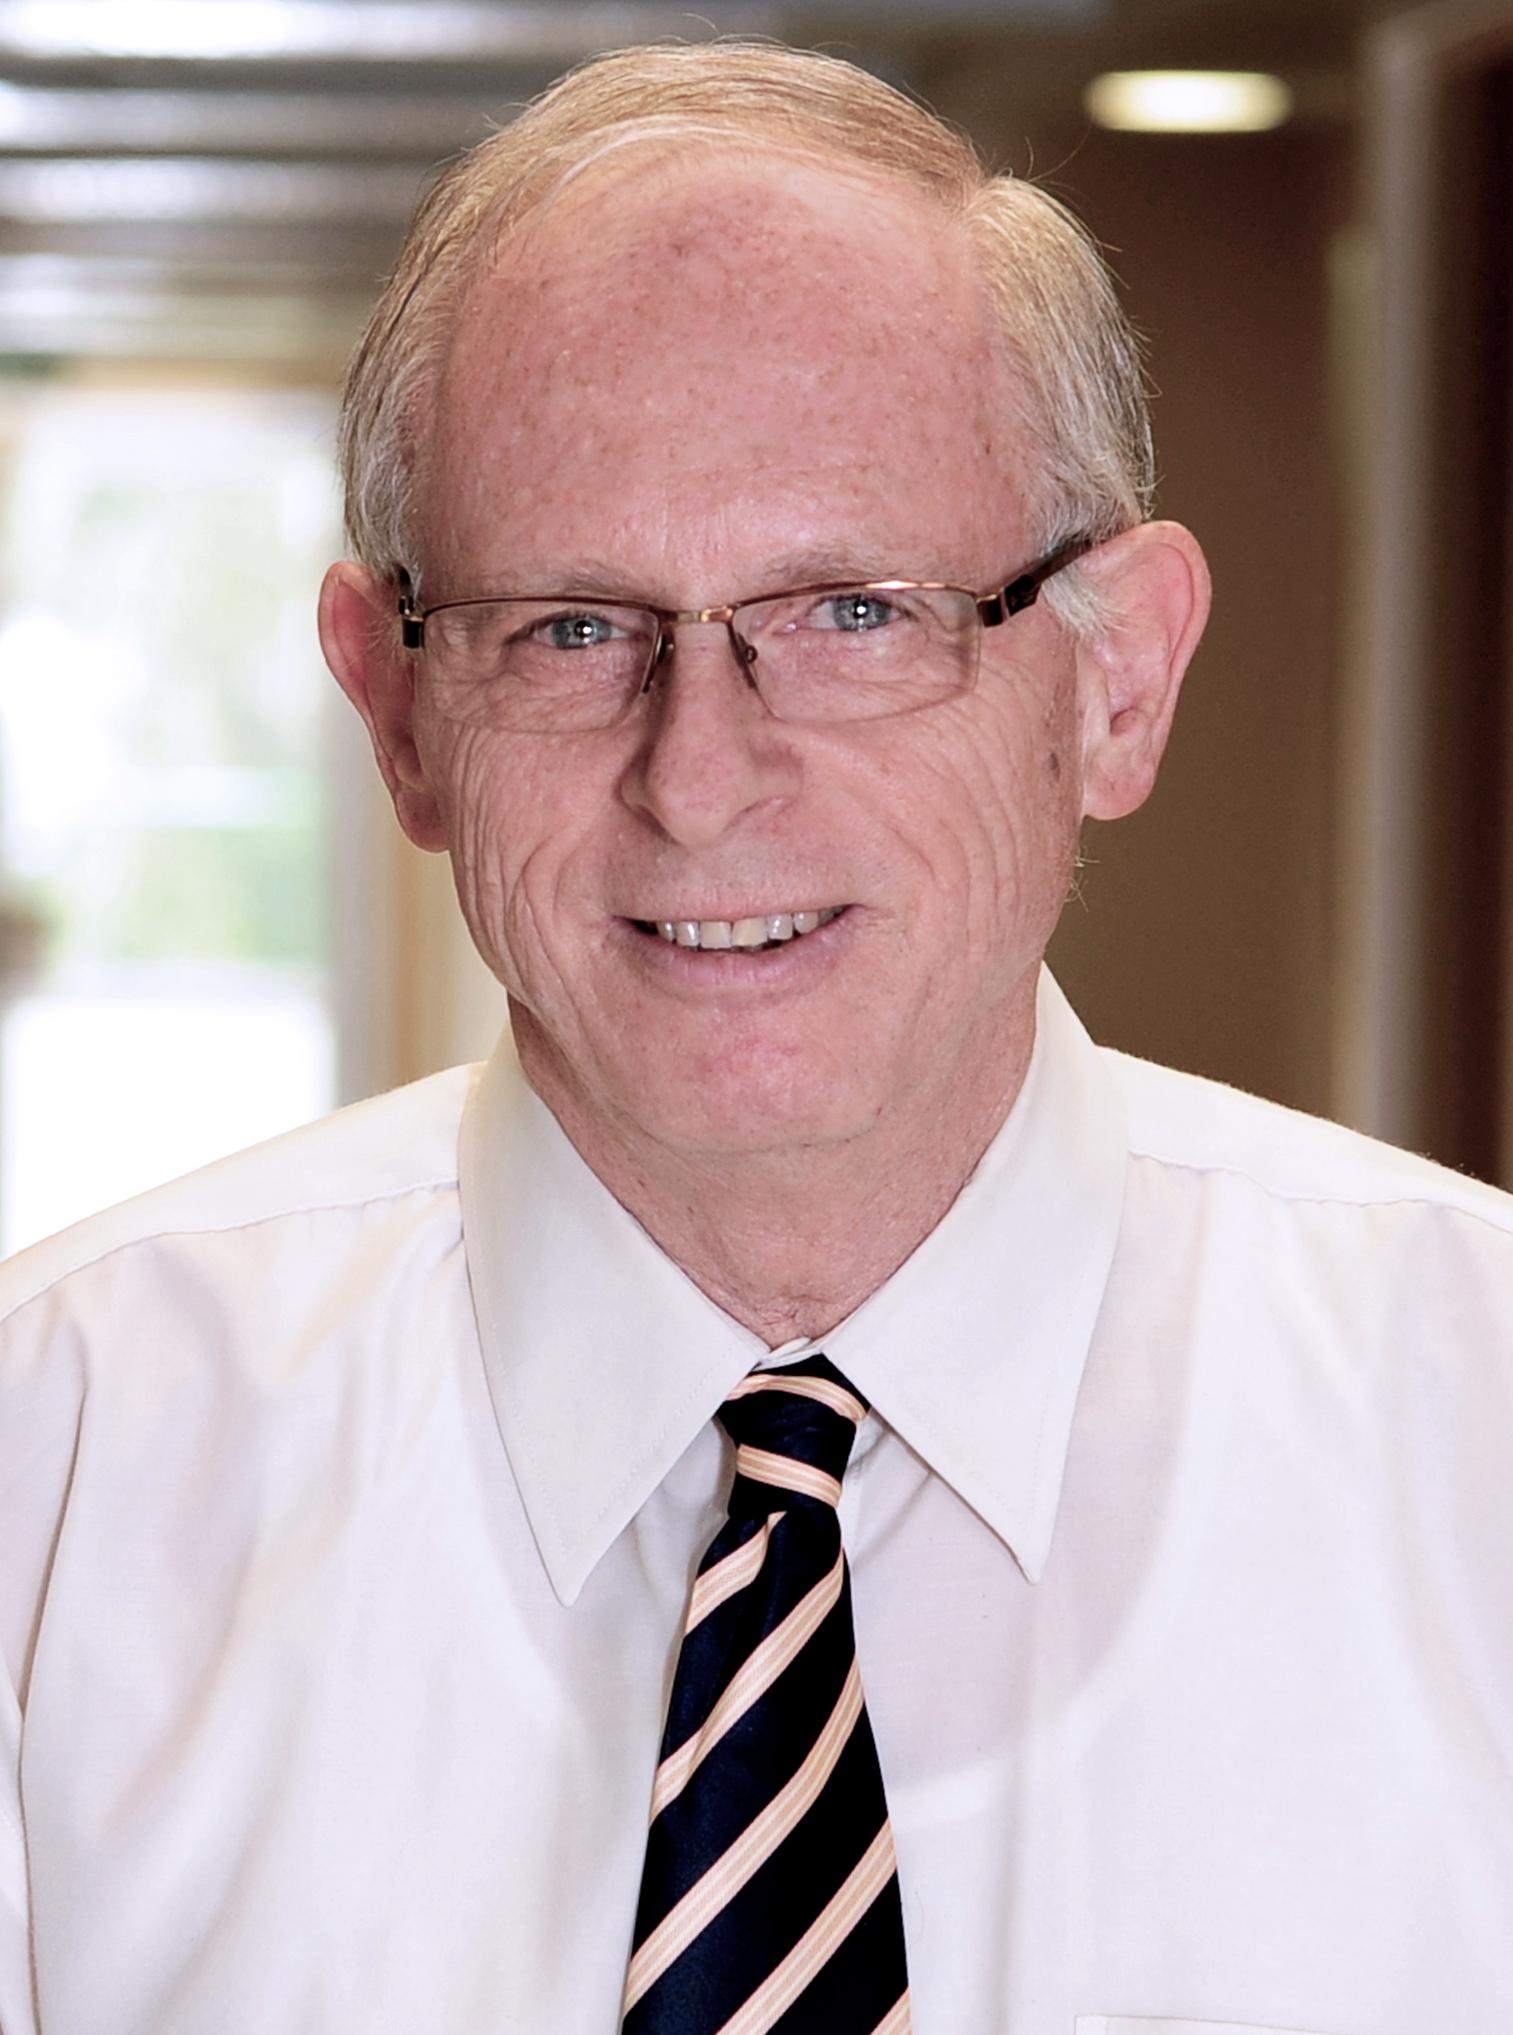 פרופ' אהוד דודסון (צילום: אפרת זיסמן )